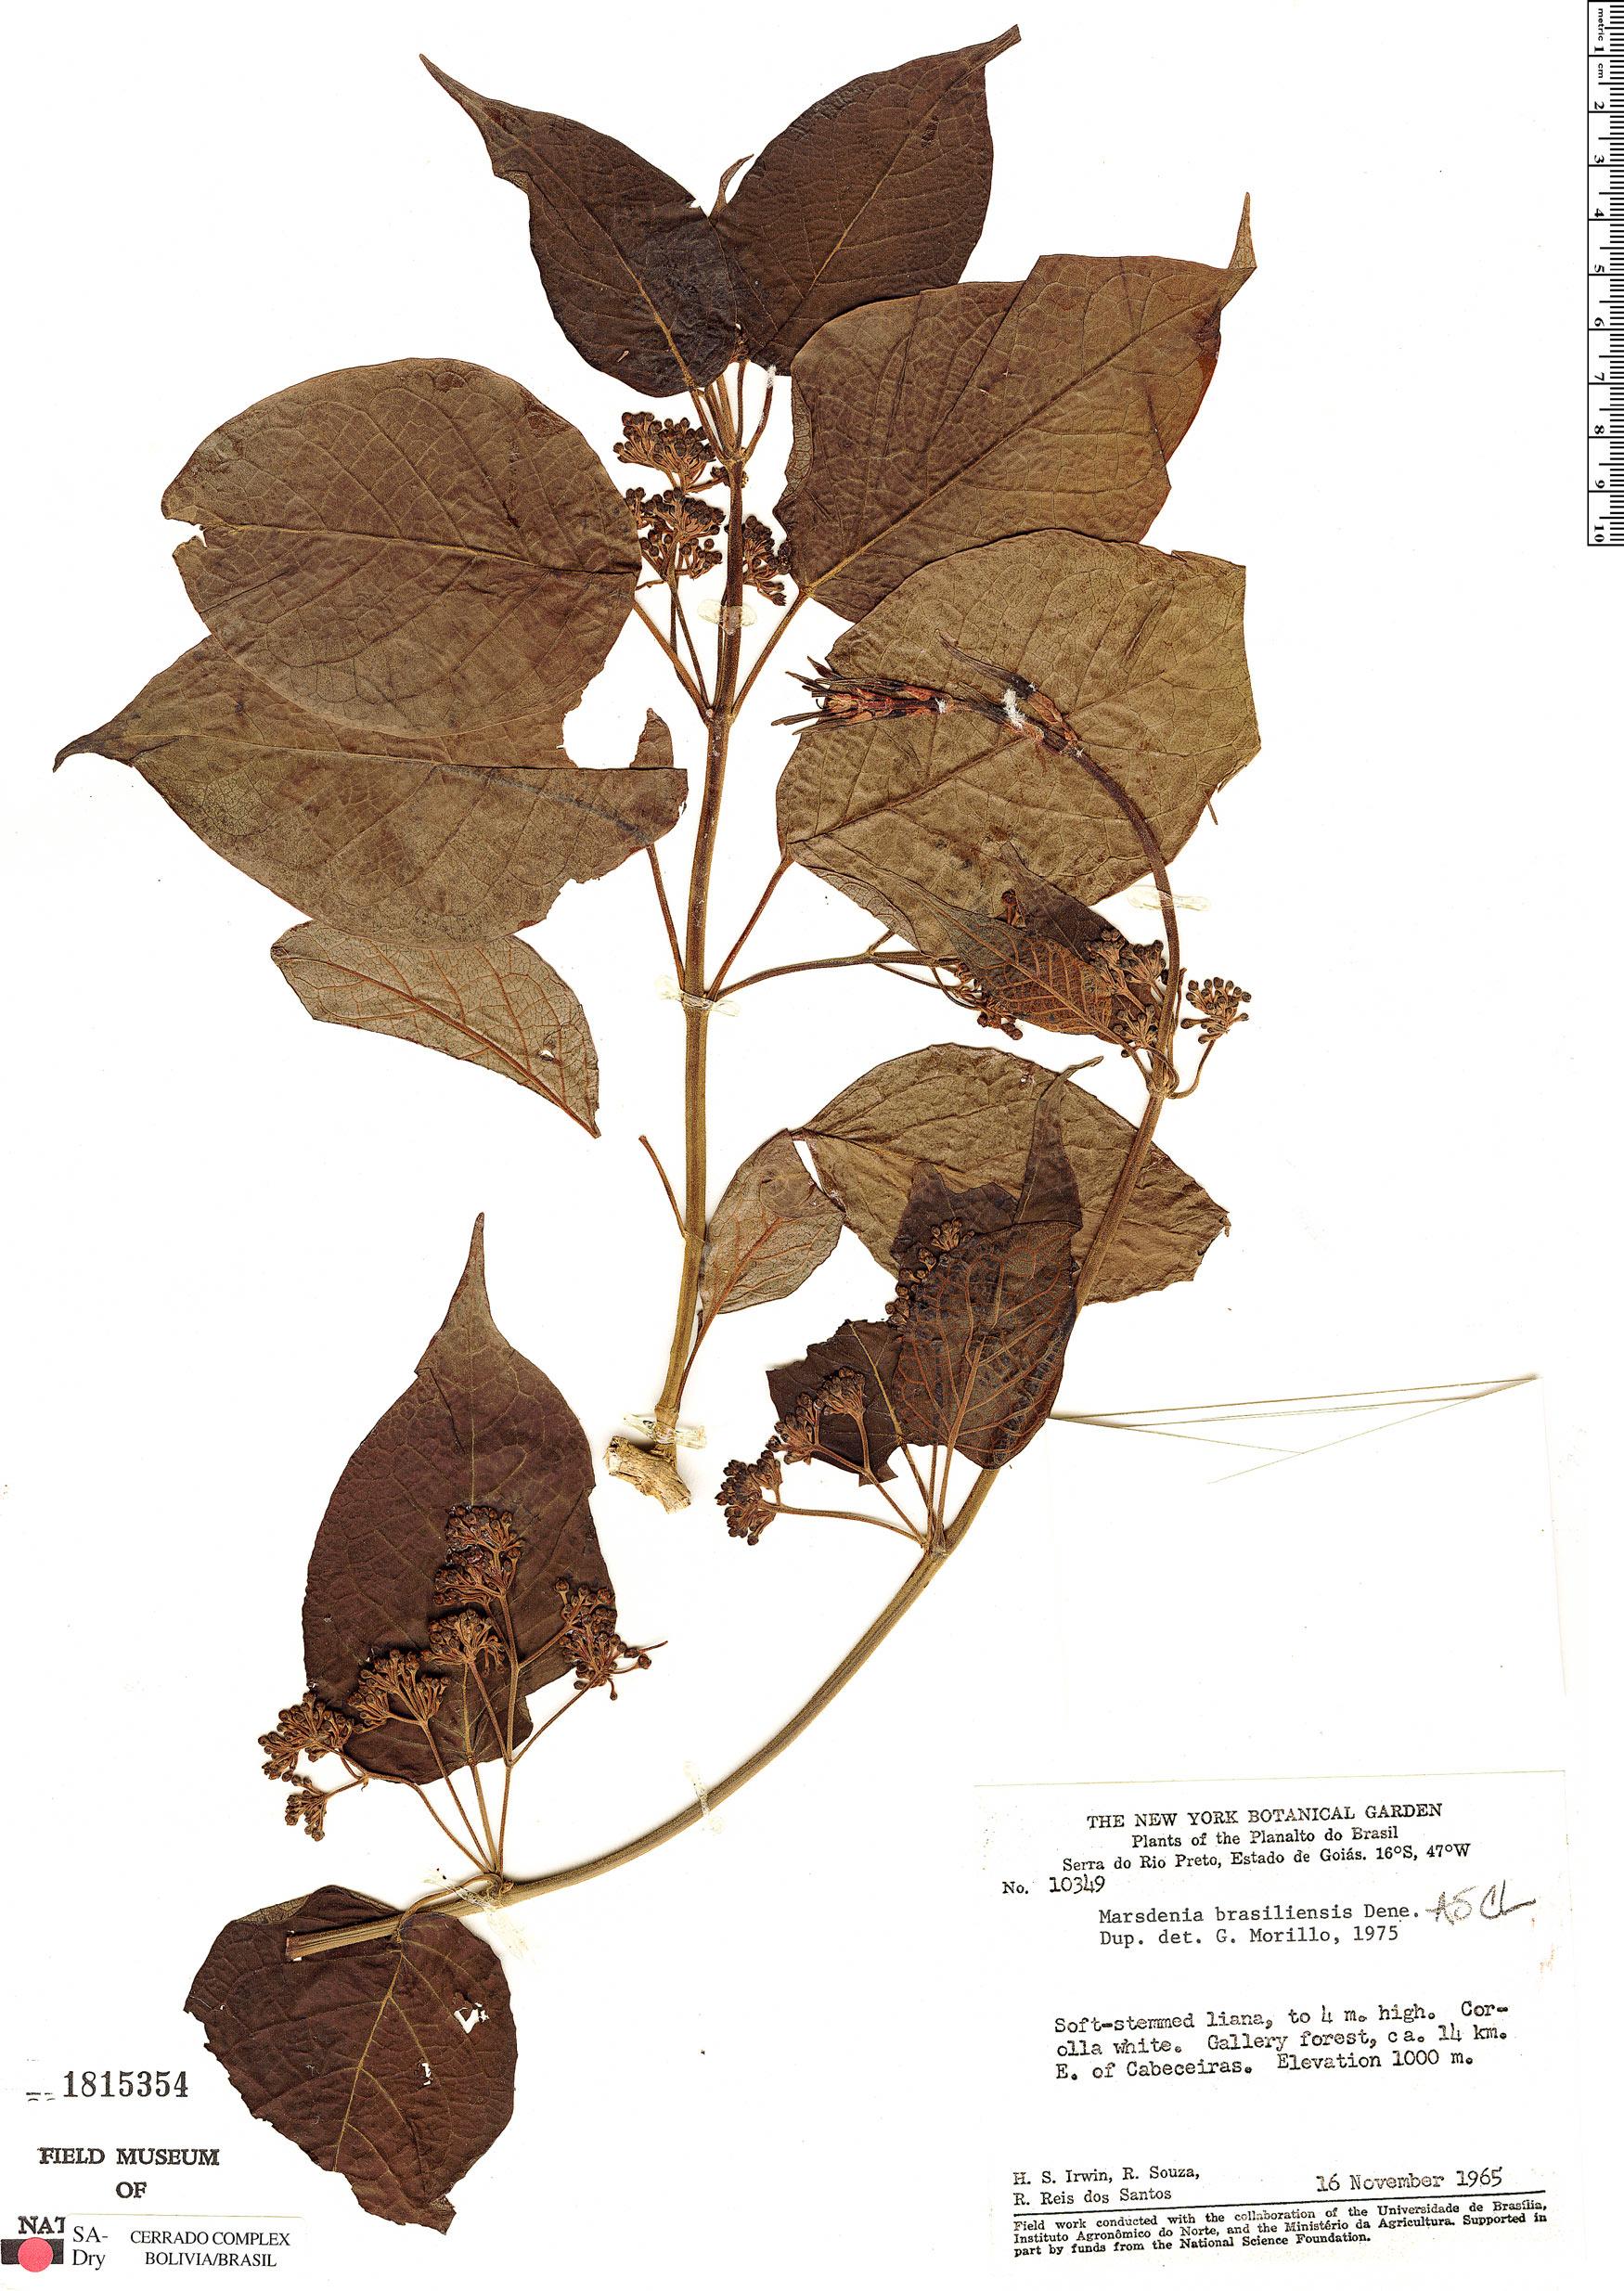 Specimen: Marsdenia brasiliensis